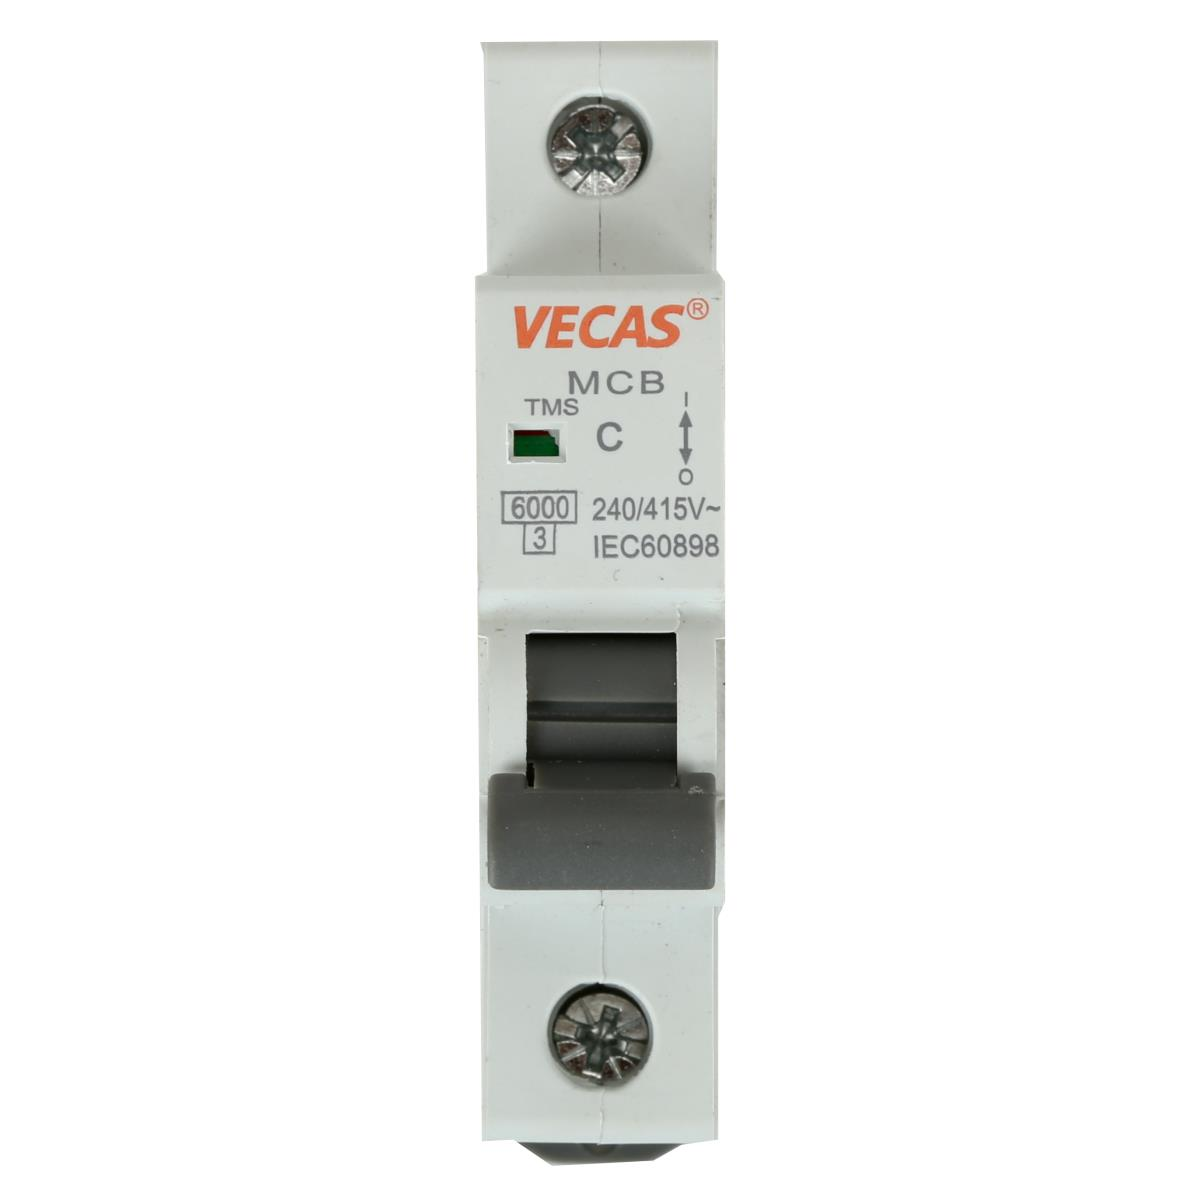 Leitungsschutzschalter Sicherungsautomat  B, 1-polig, 25A LS-Schalter,Vecas,L7-25-1-B, 4770364101434